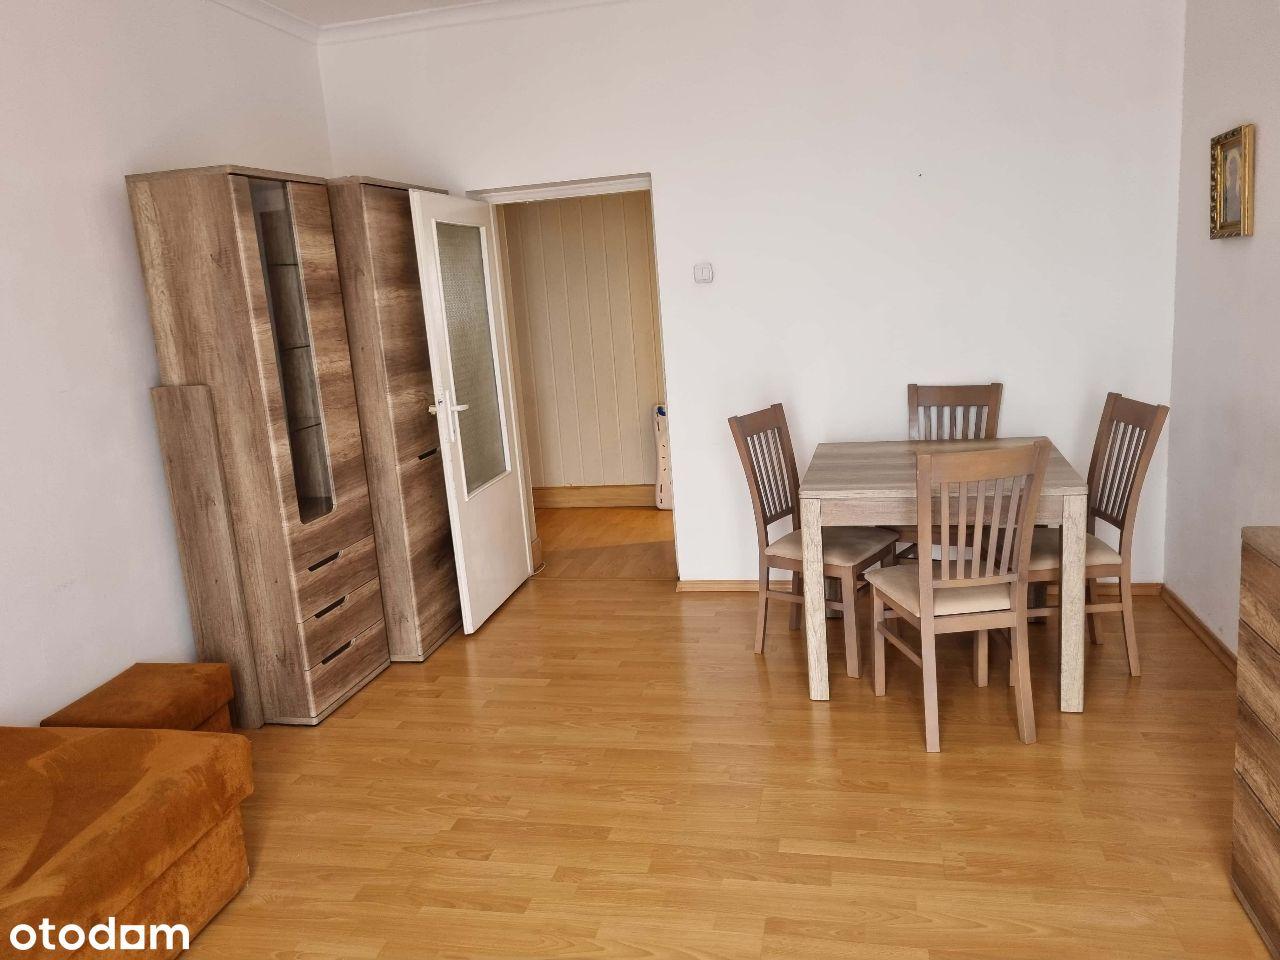 Mieszkanie 48 m, Topolowa, 2 pokoje, 1 piętro.